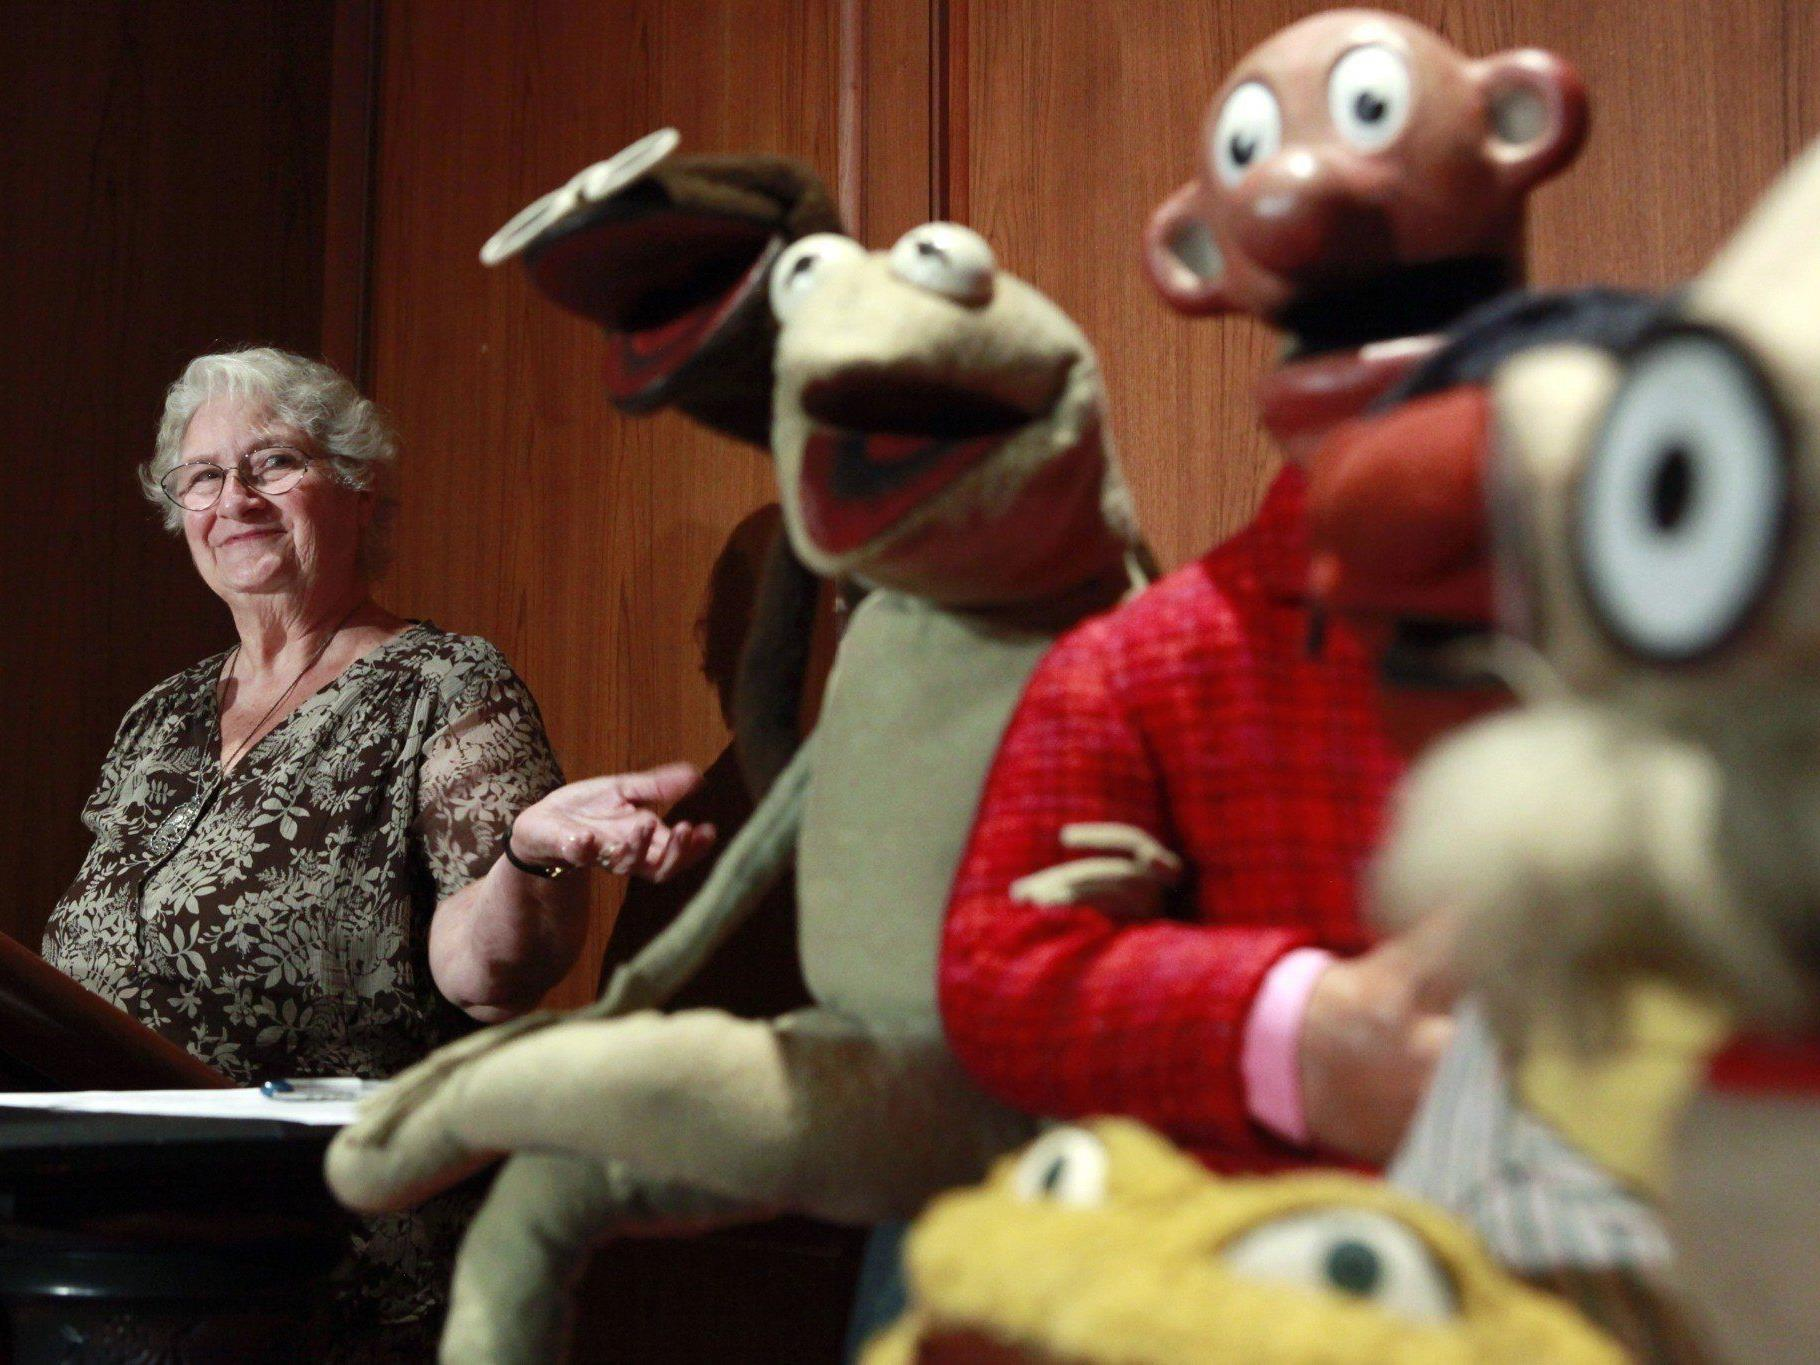 Jane Henson im Alter von 78 Jahren an Krebs gestorben.